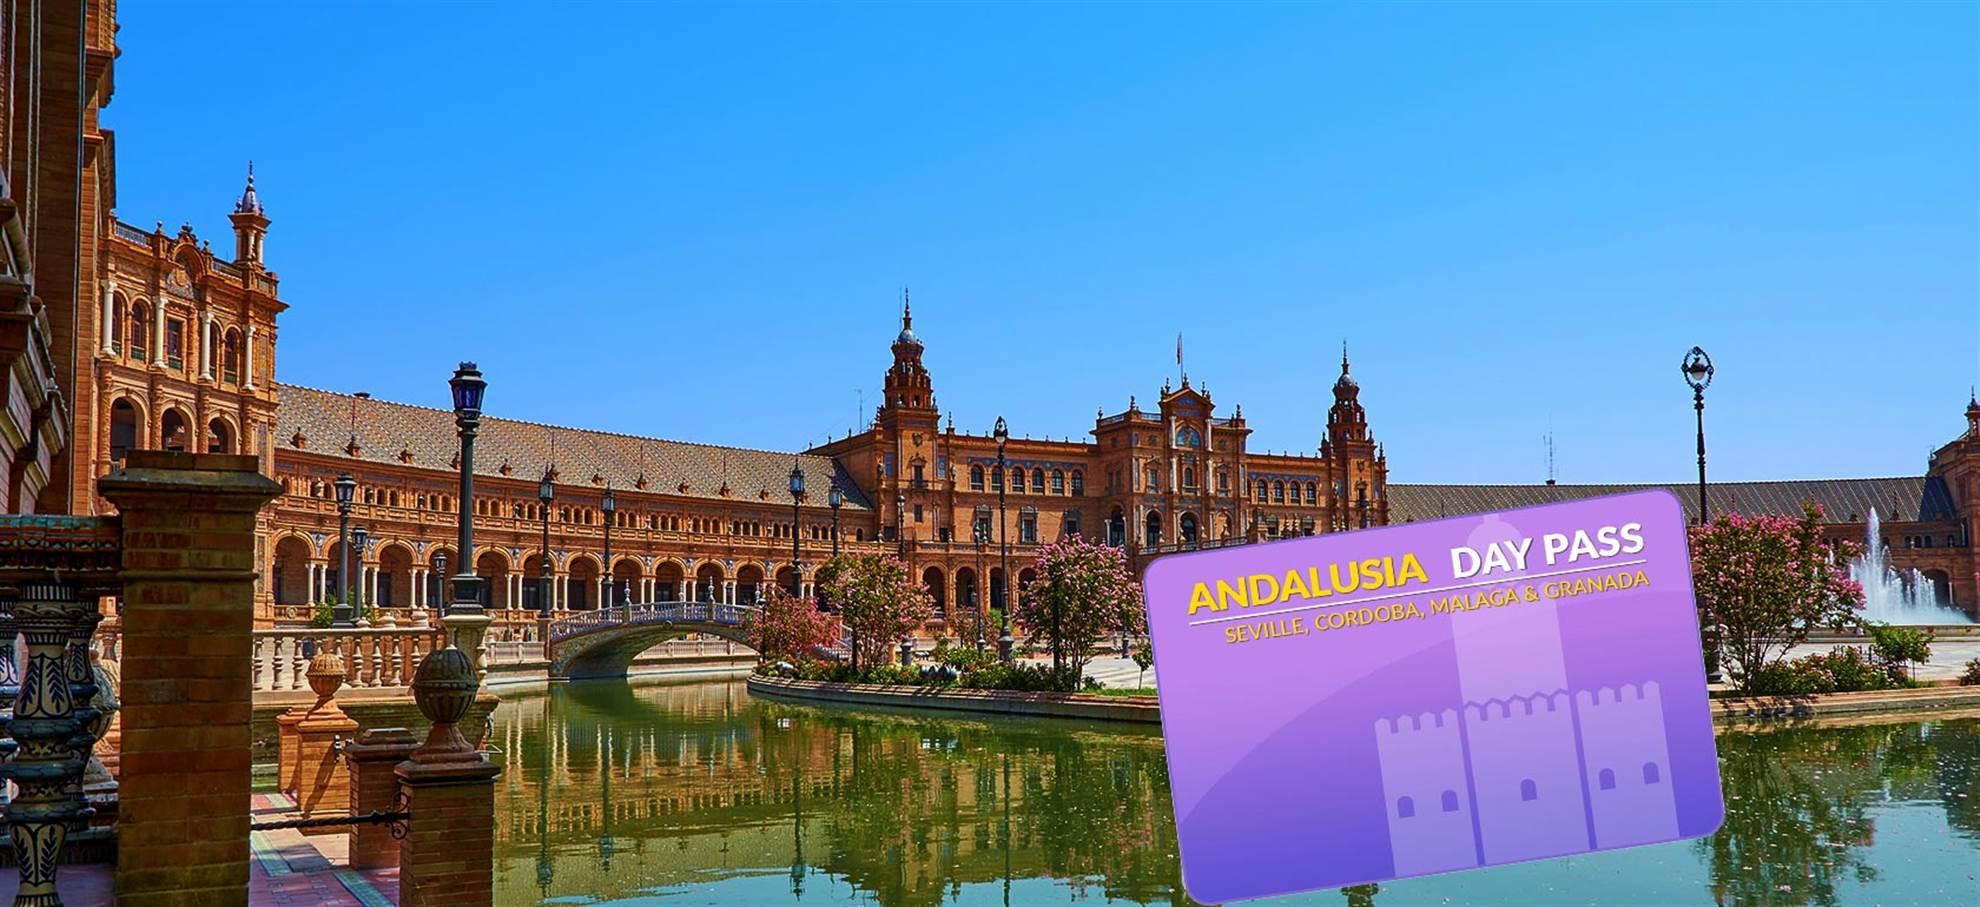 Andalusia Day Pass de Sevilla/Cordoba/Malaga/Granada